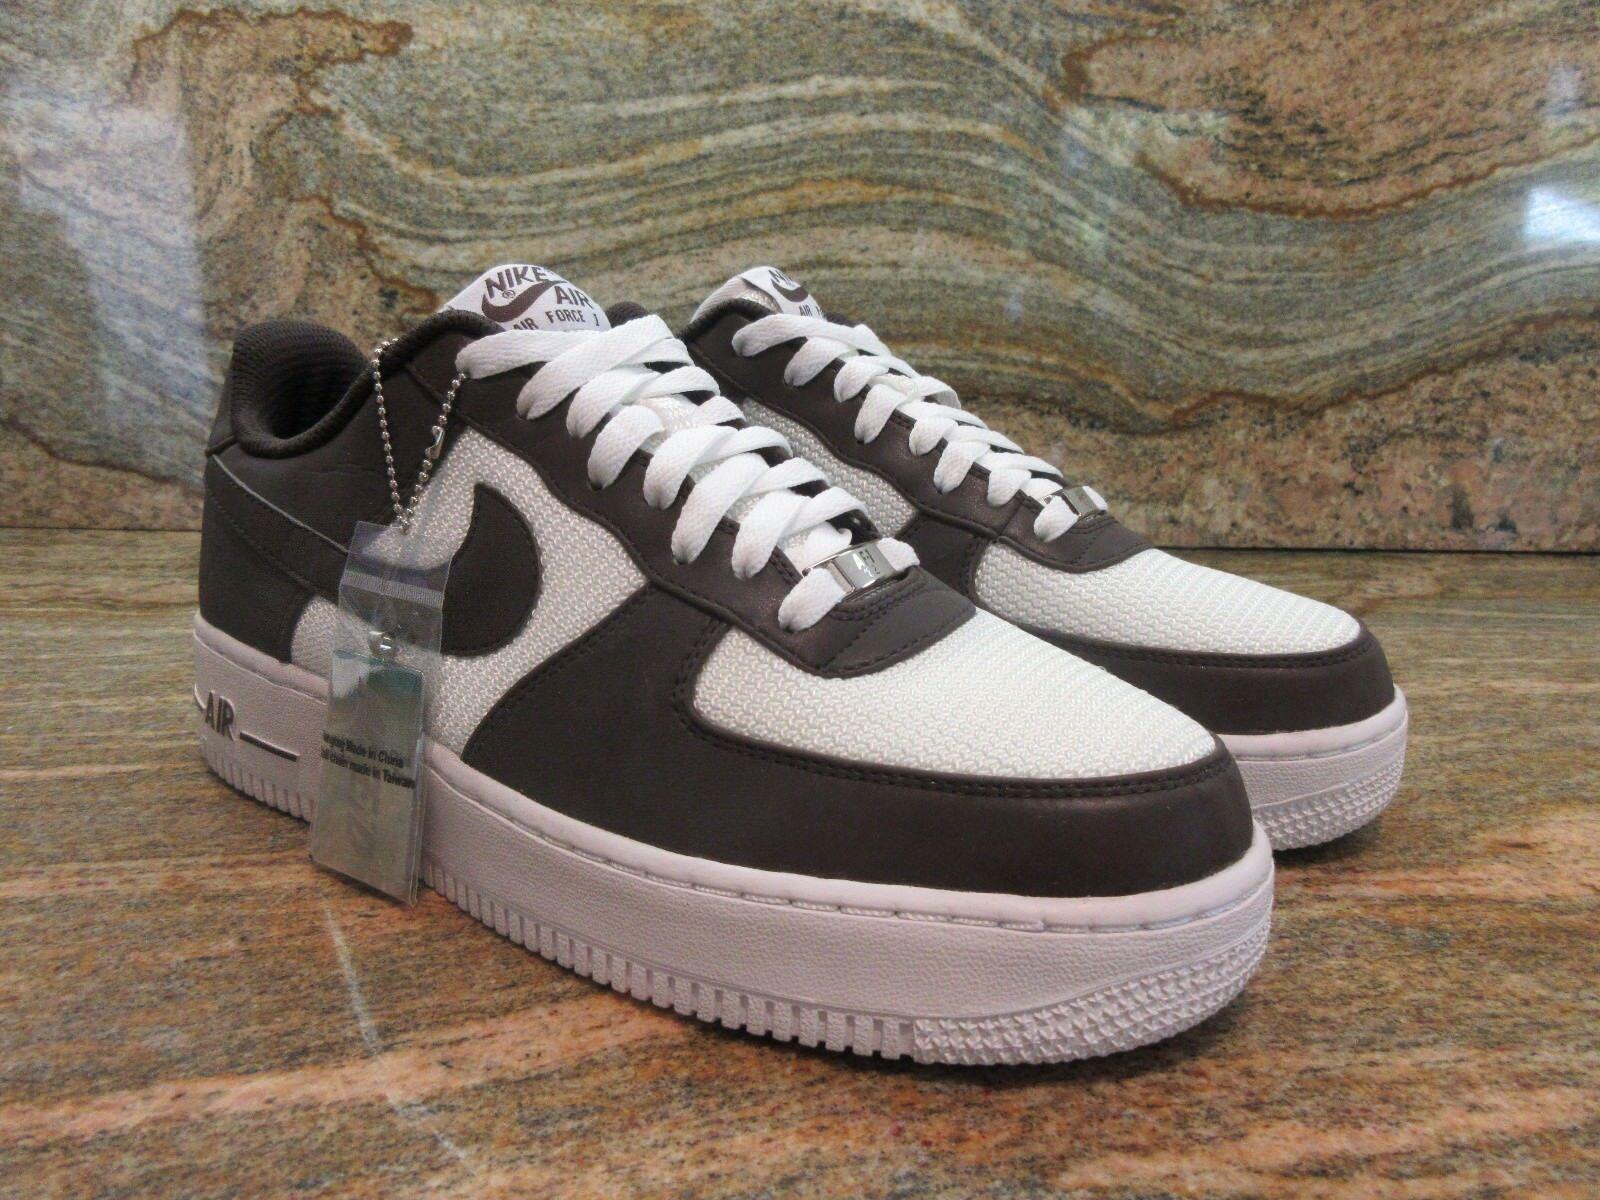 2013 Nike Air Force 1 Low Premium iD iD iD SZ 9 3M Reflective braun Weiß 444758-900 f62805